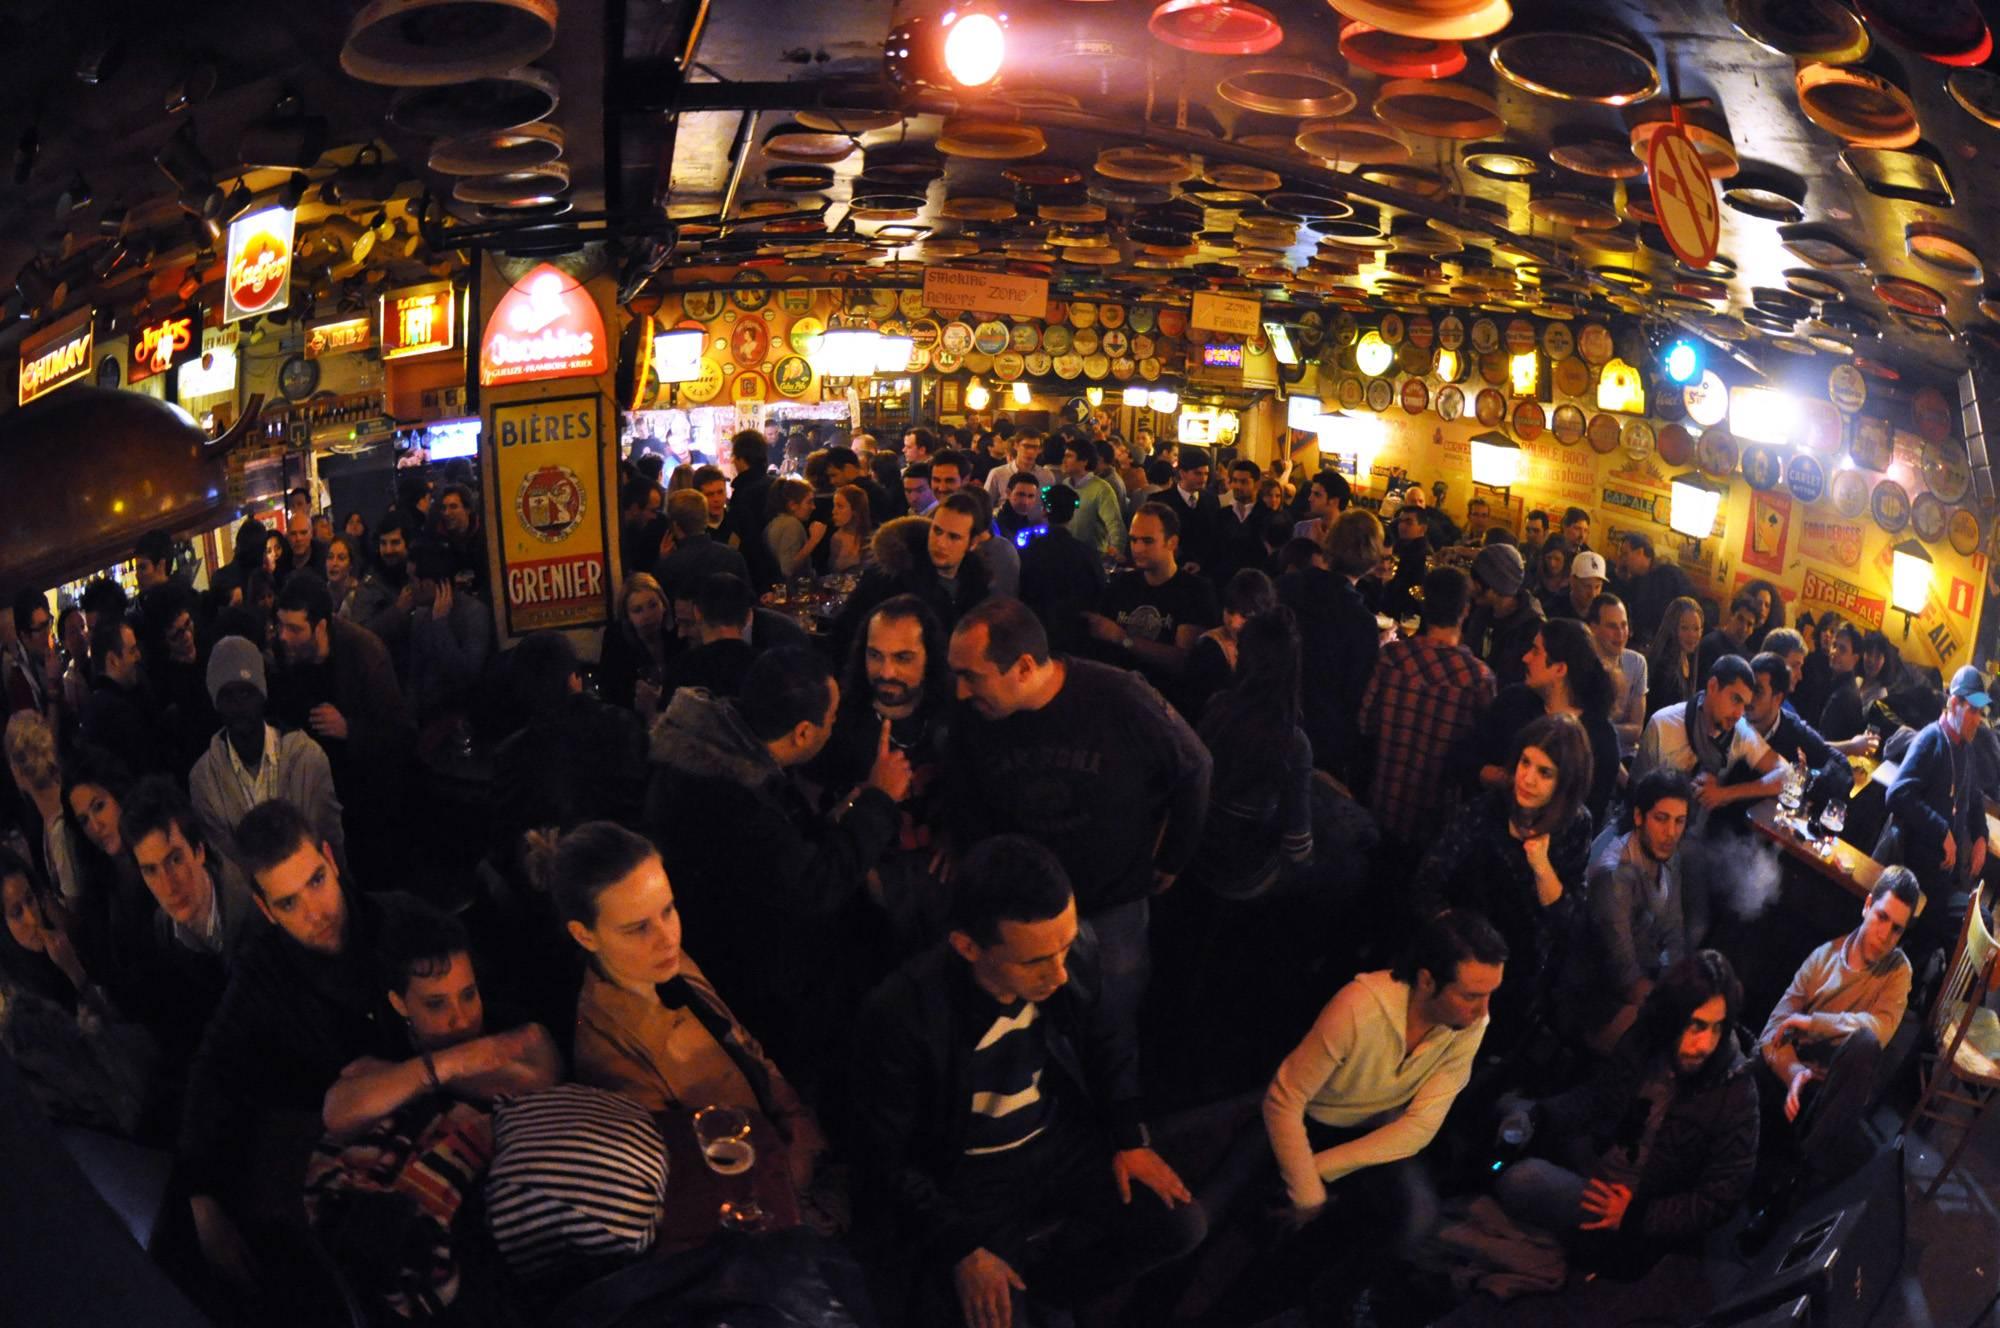 Photo 1: Délirium Café - le bar aux 2000 bières